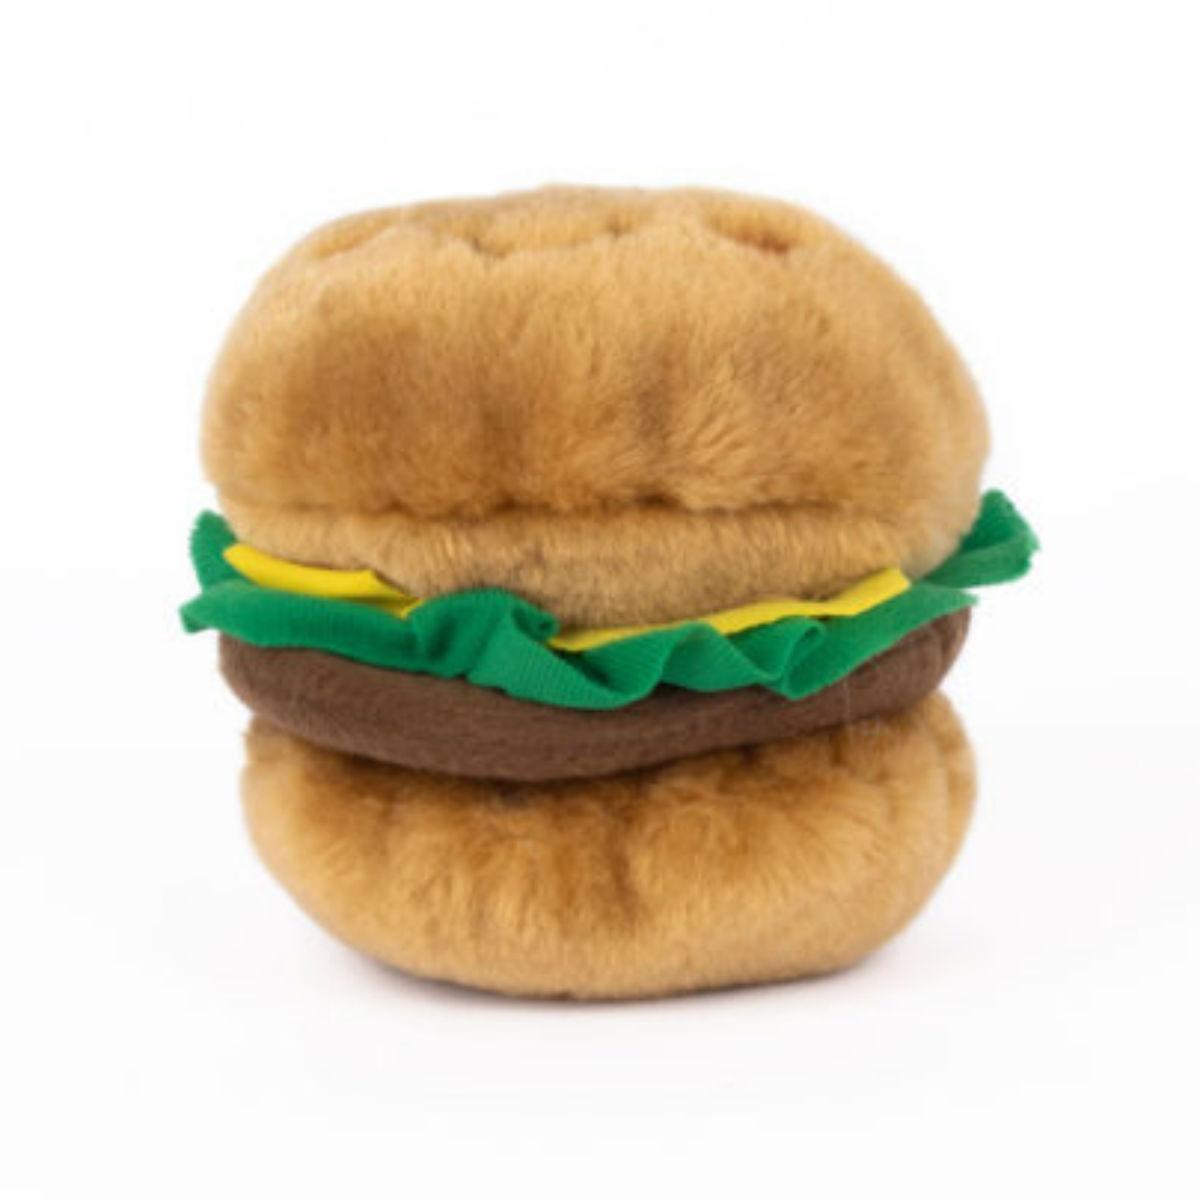 ZippyPaws NomNomz Dog Toy - Hamburger